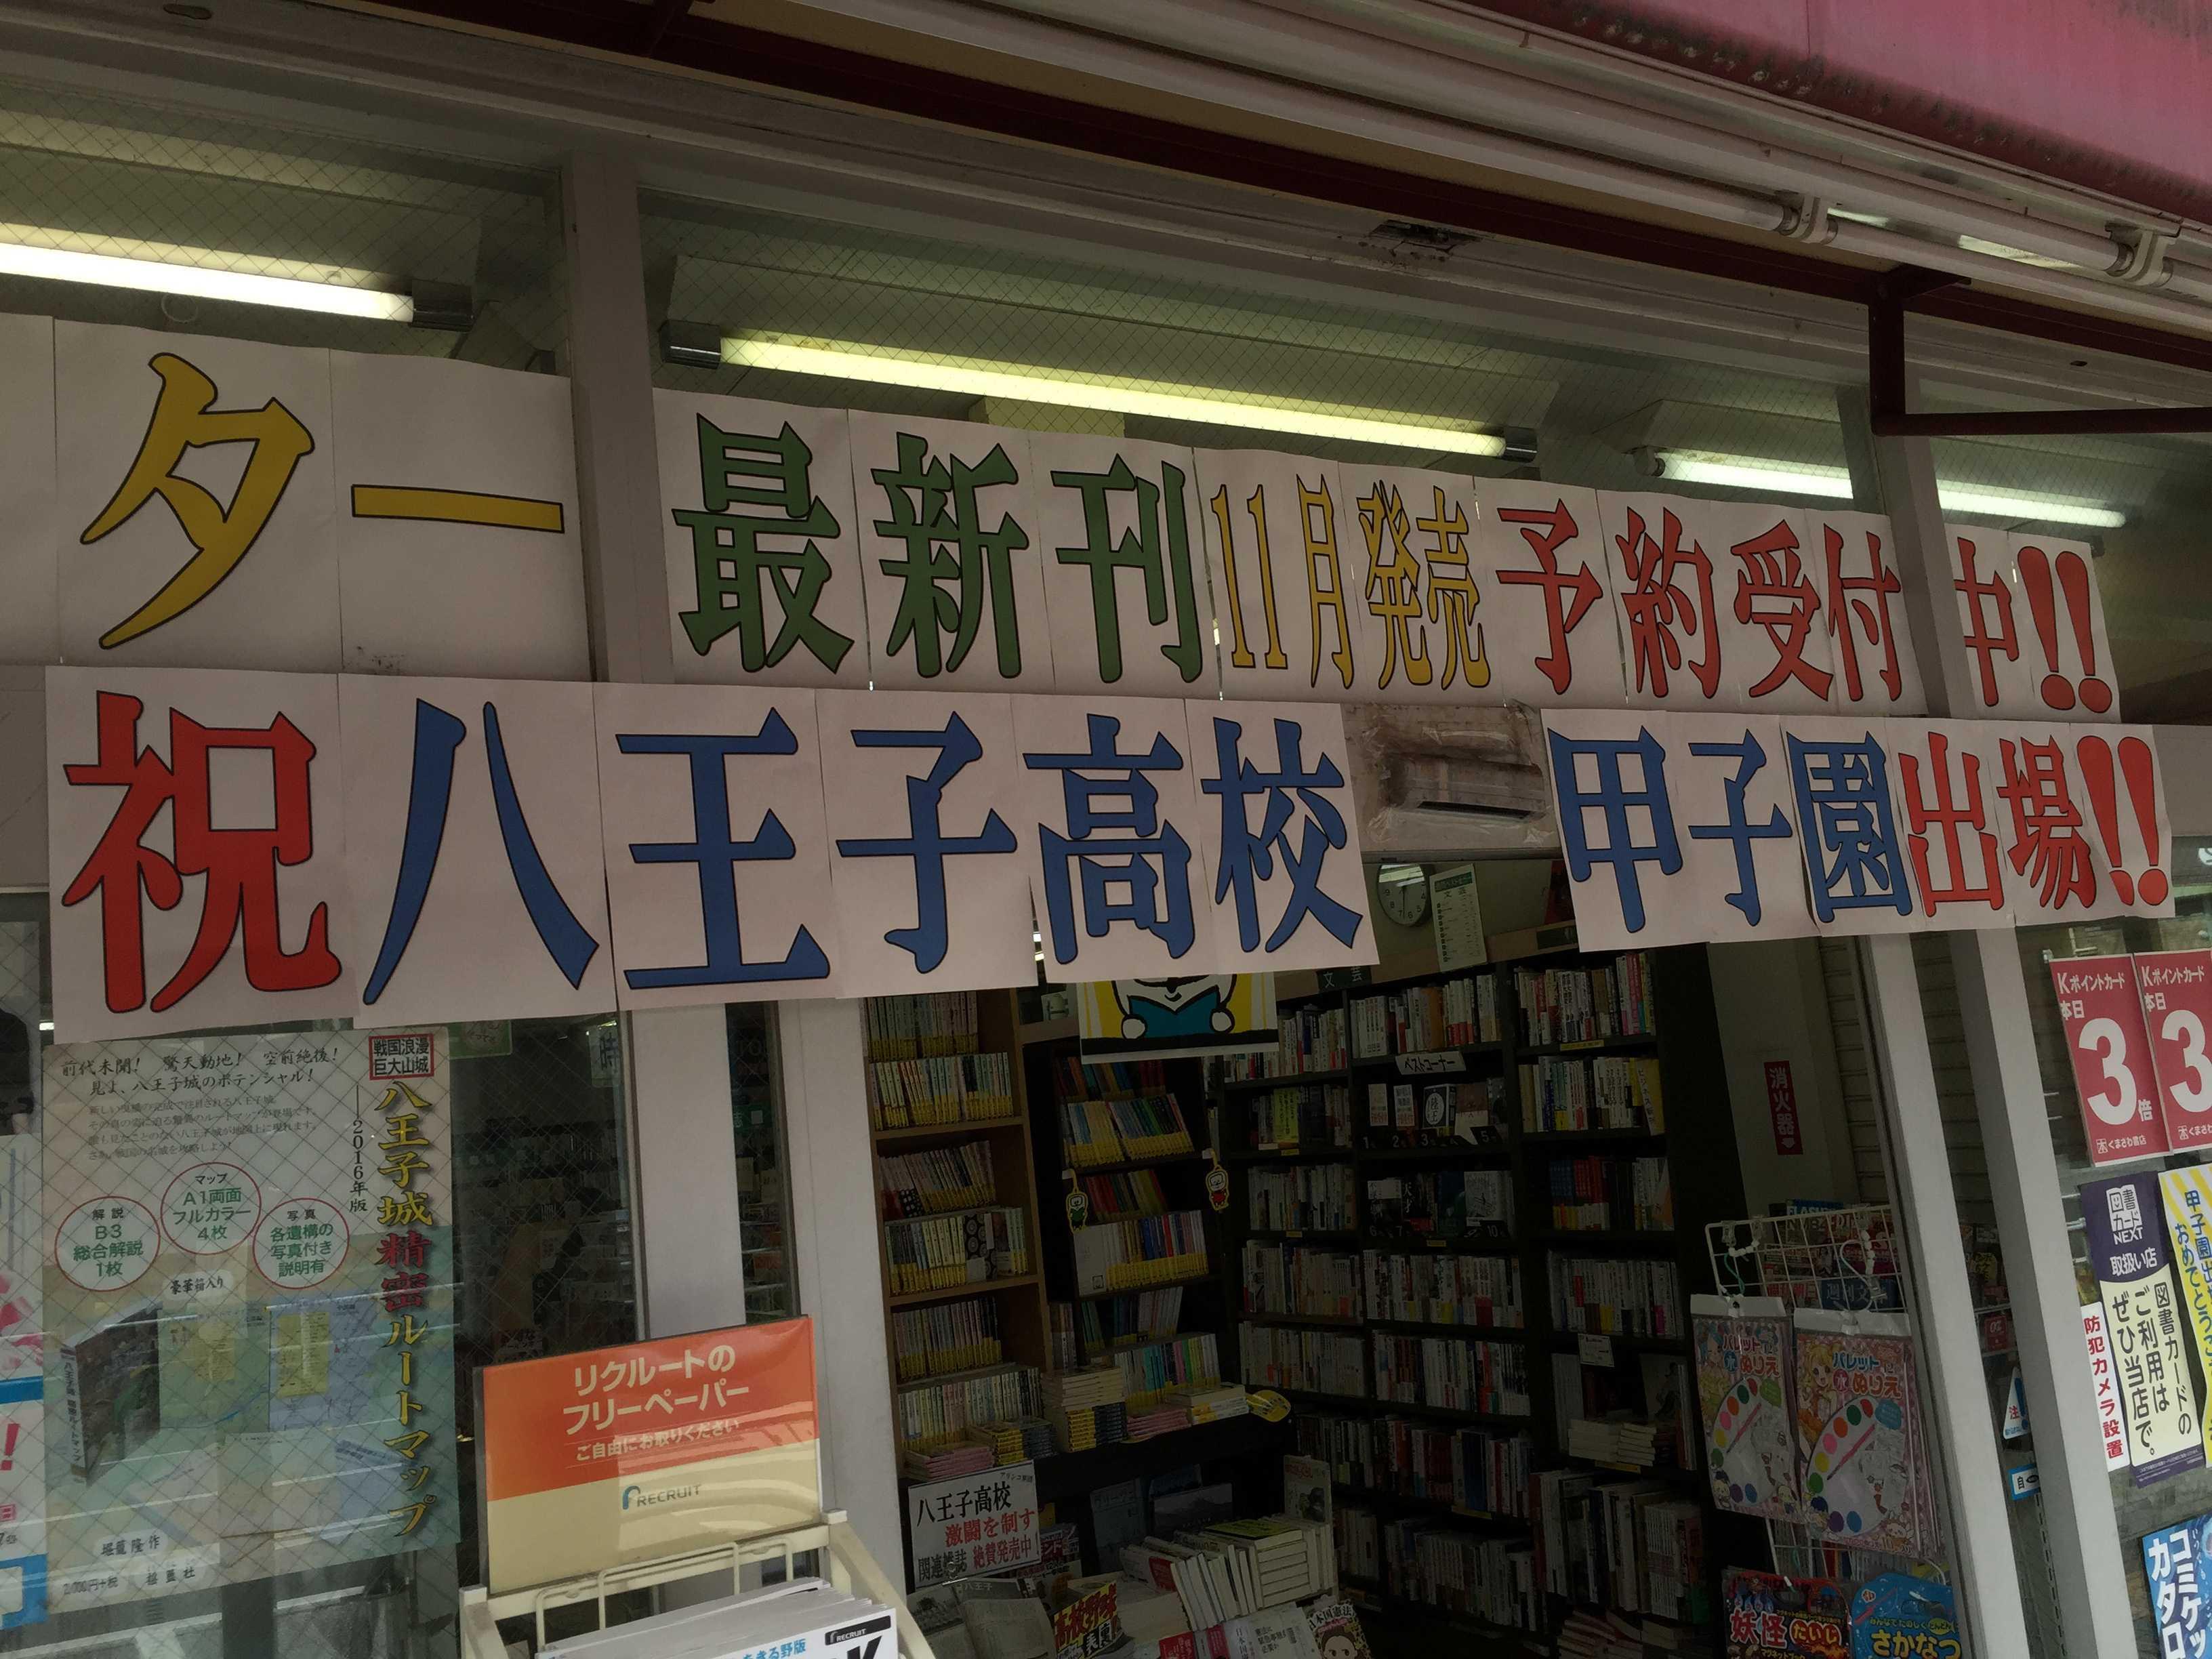 「祝 八王子高校 甲子園出場!!」